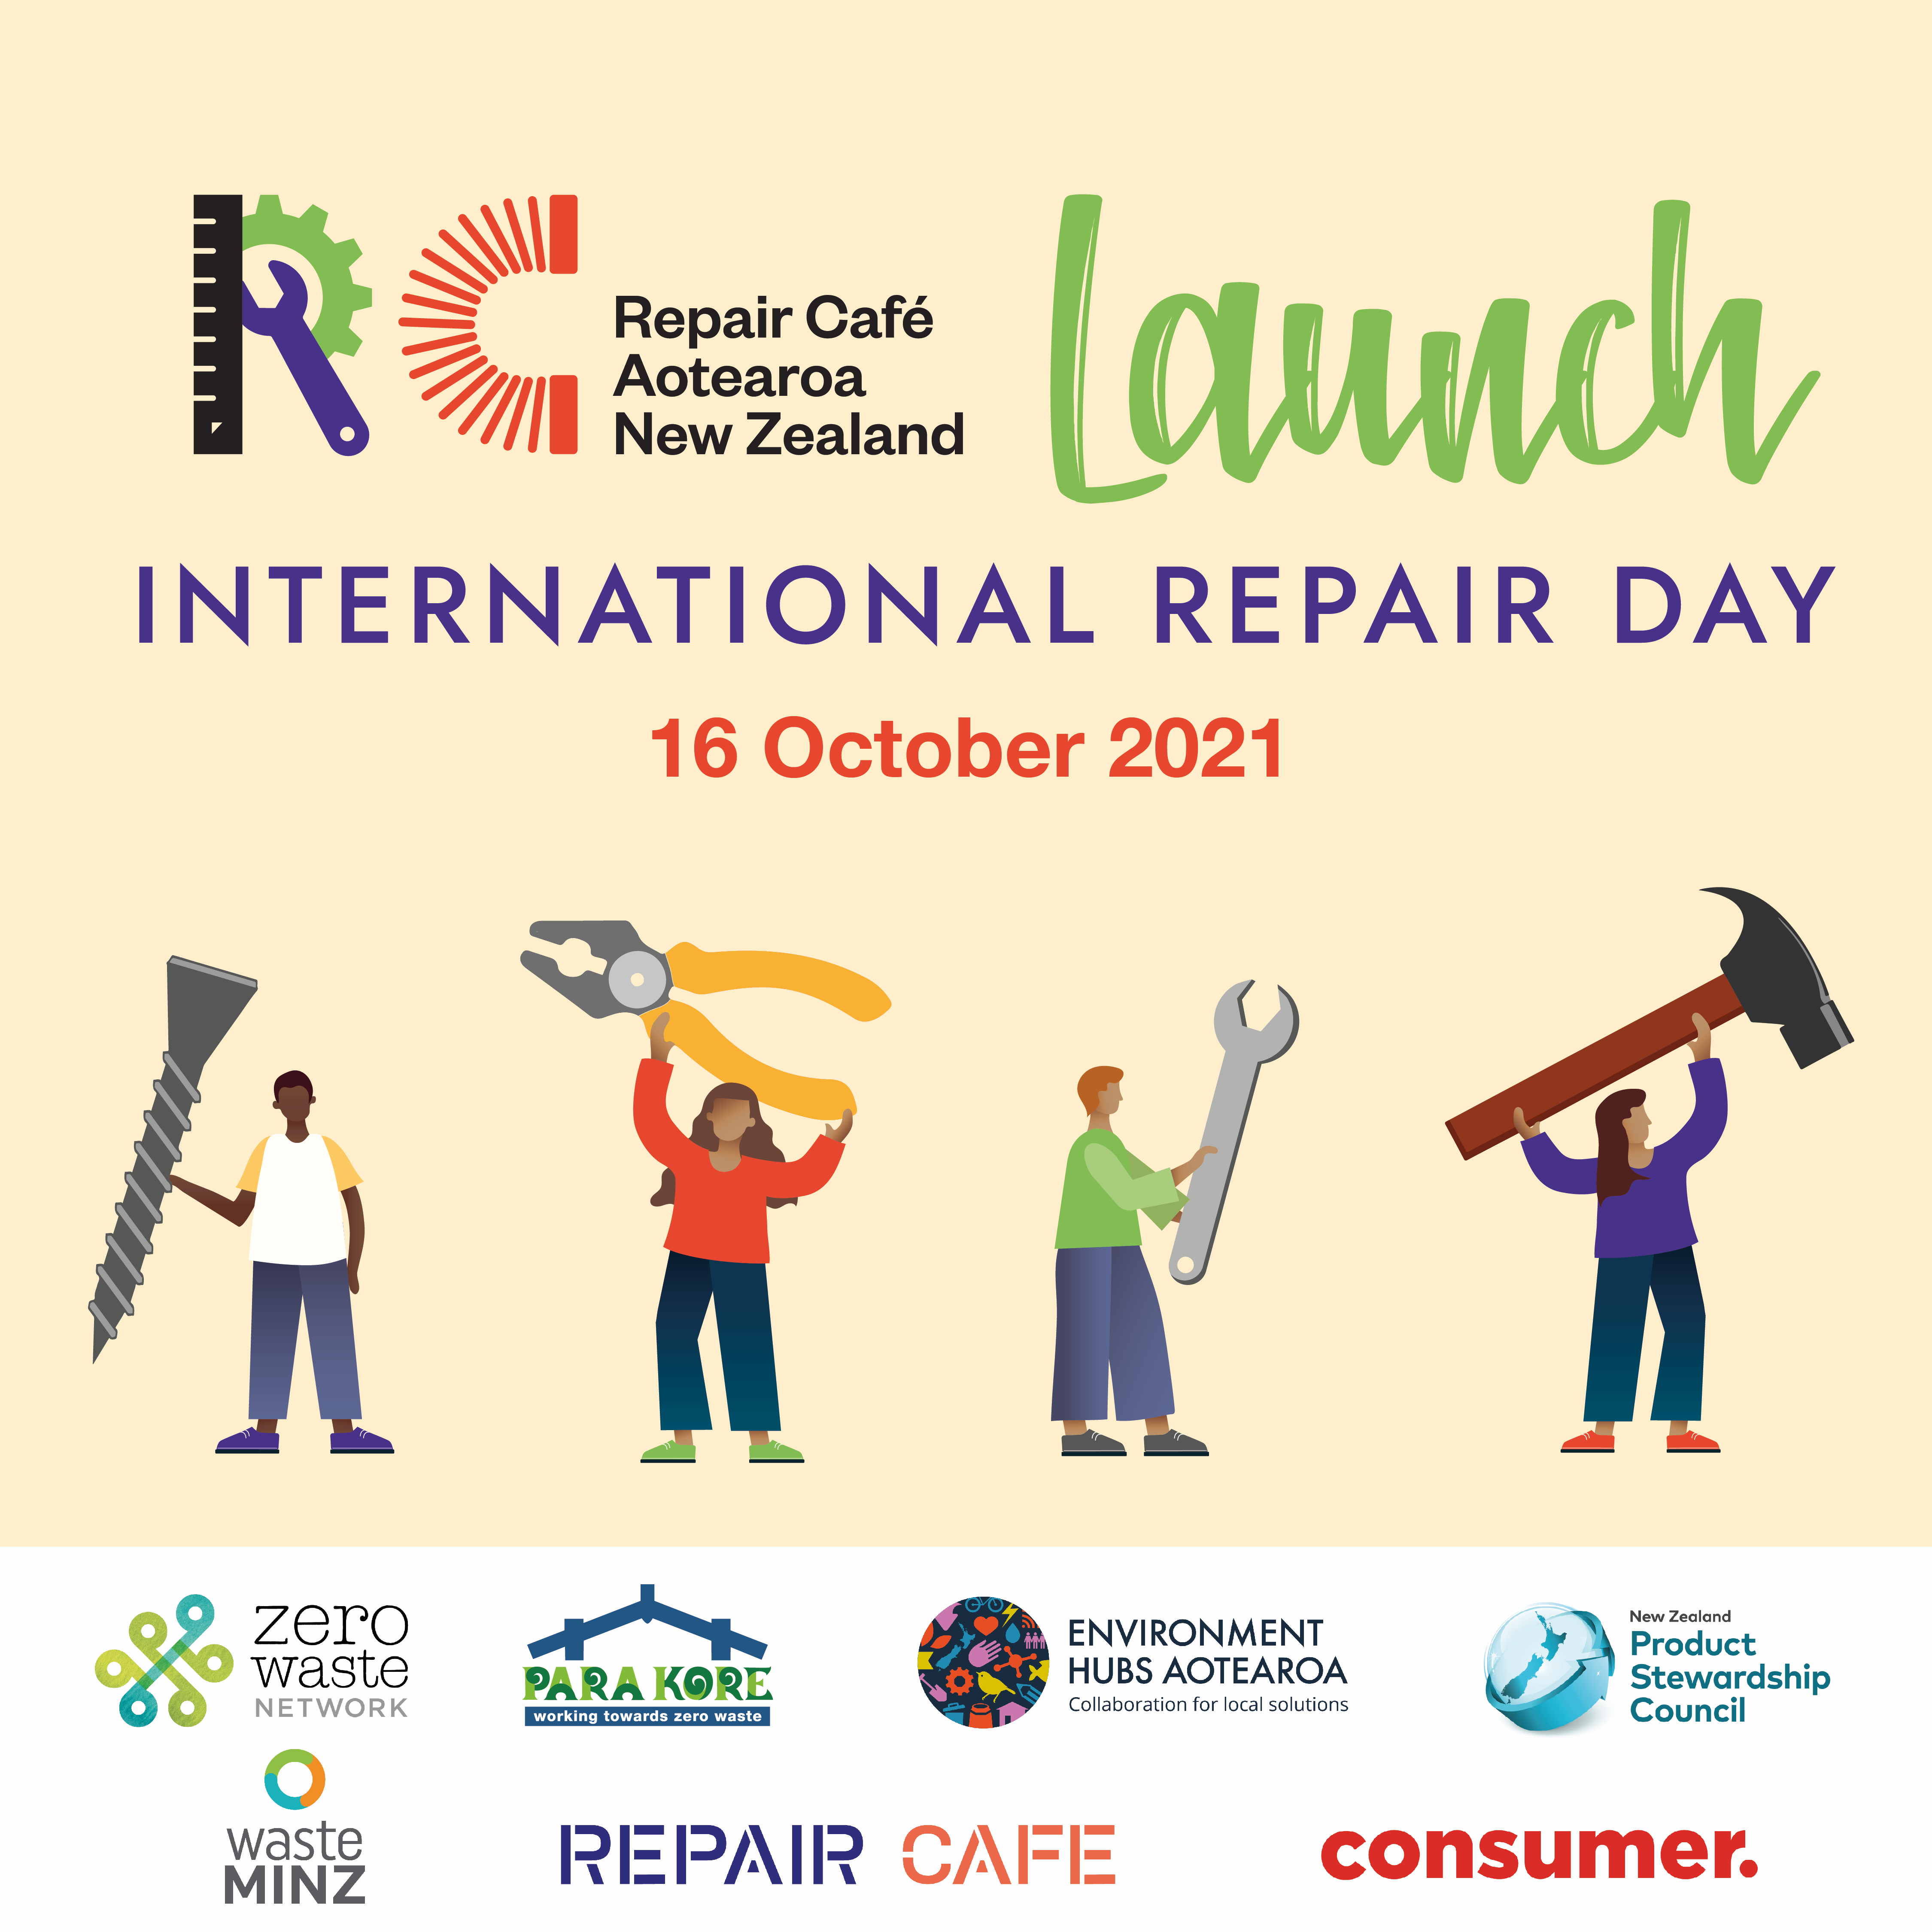 Repair Café Aotearoa New Zealand   International Repair Day